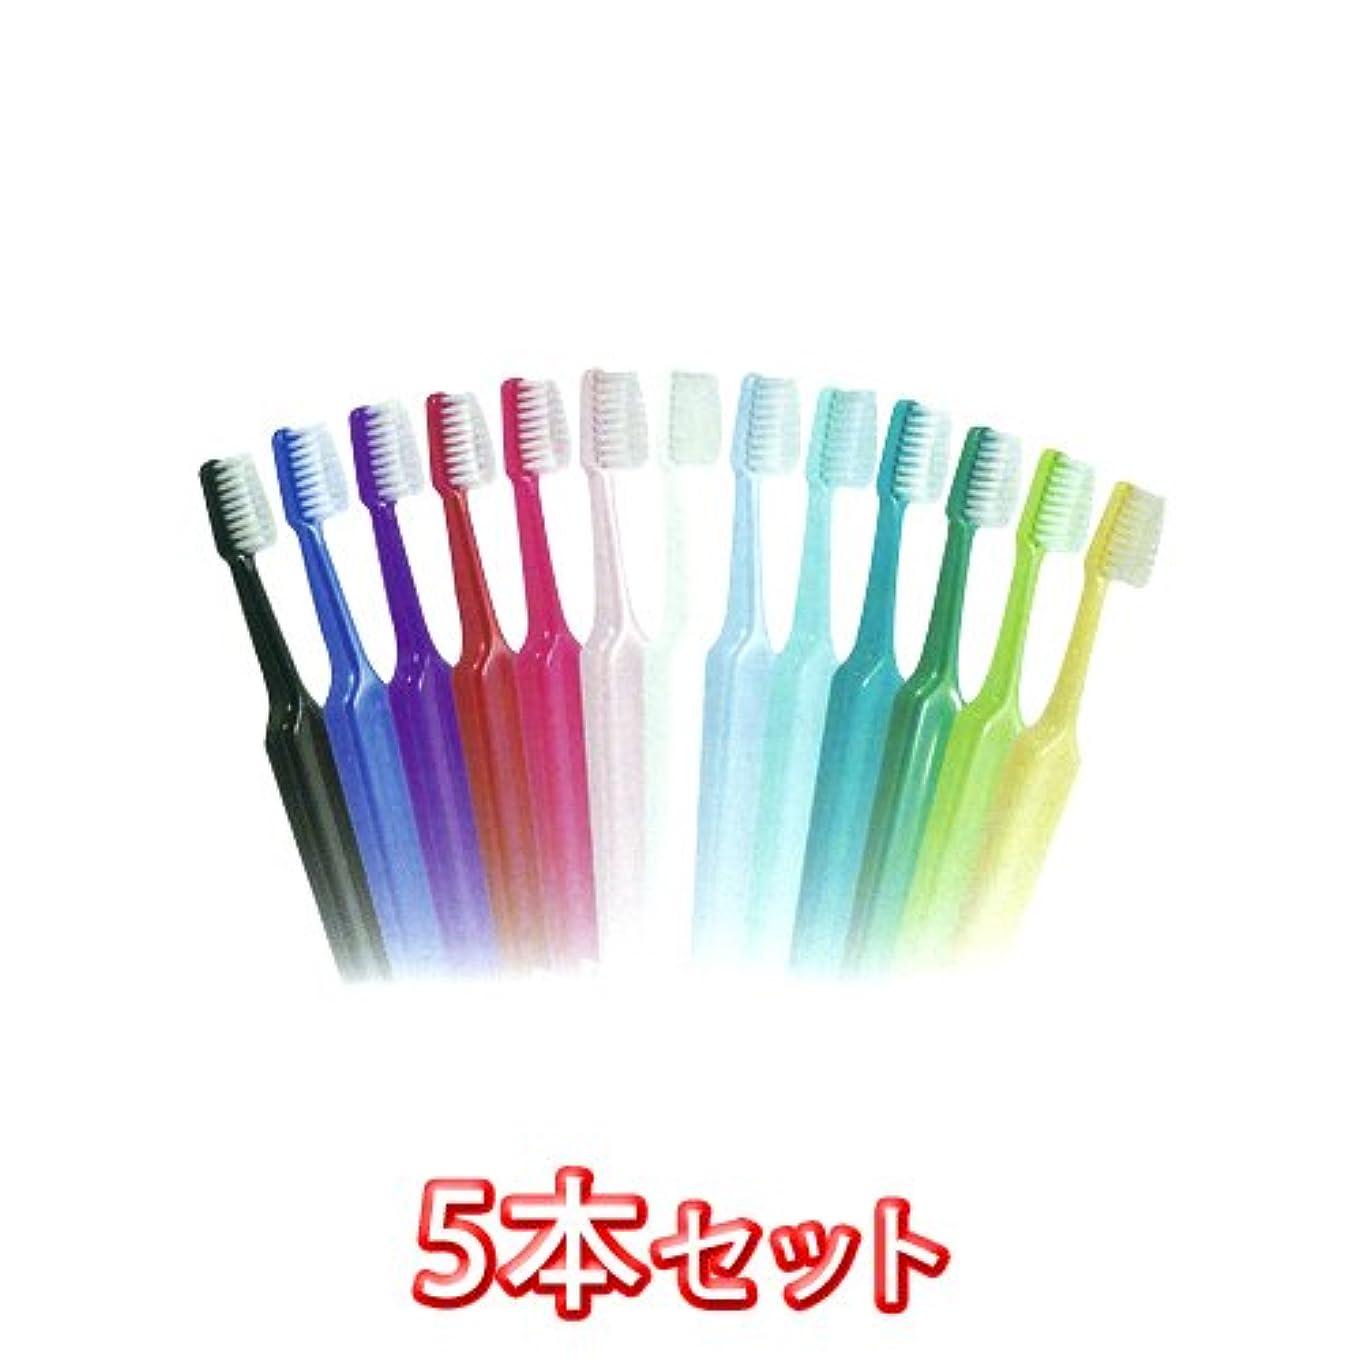 見ましたジャズ検閲クロスフィールド TePe テペ セレクト 歯ブラシ 5本 (エクストラソフト)